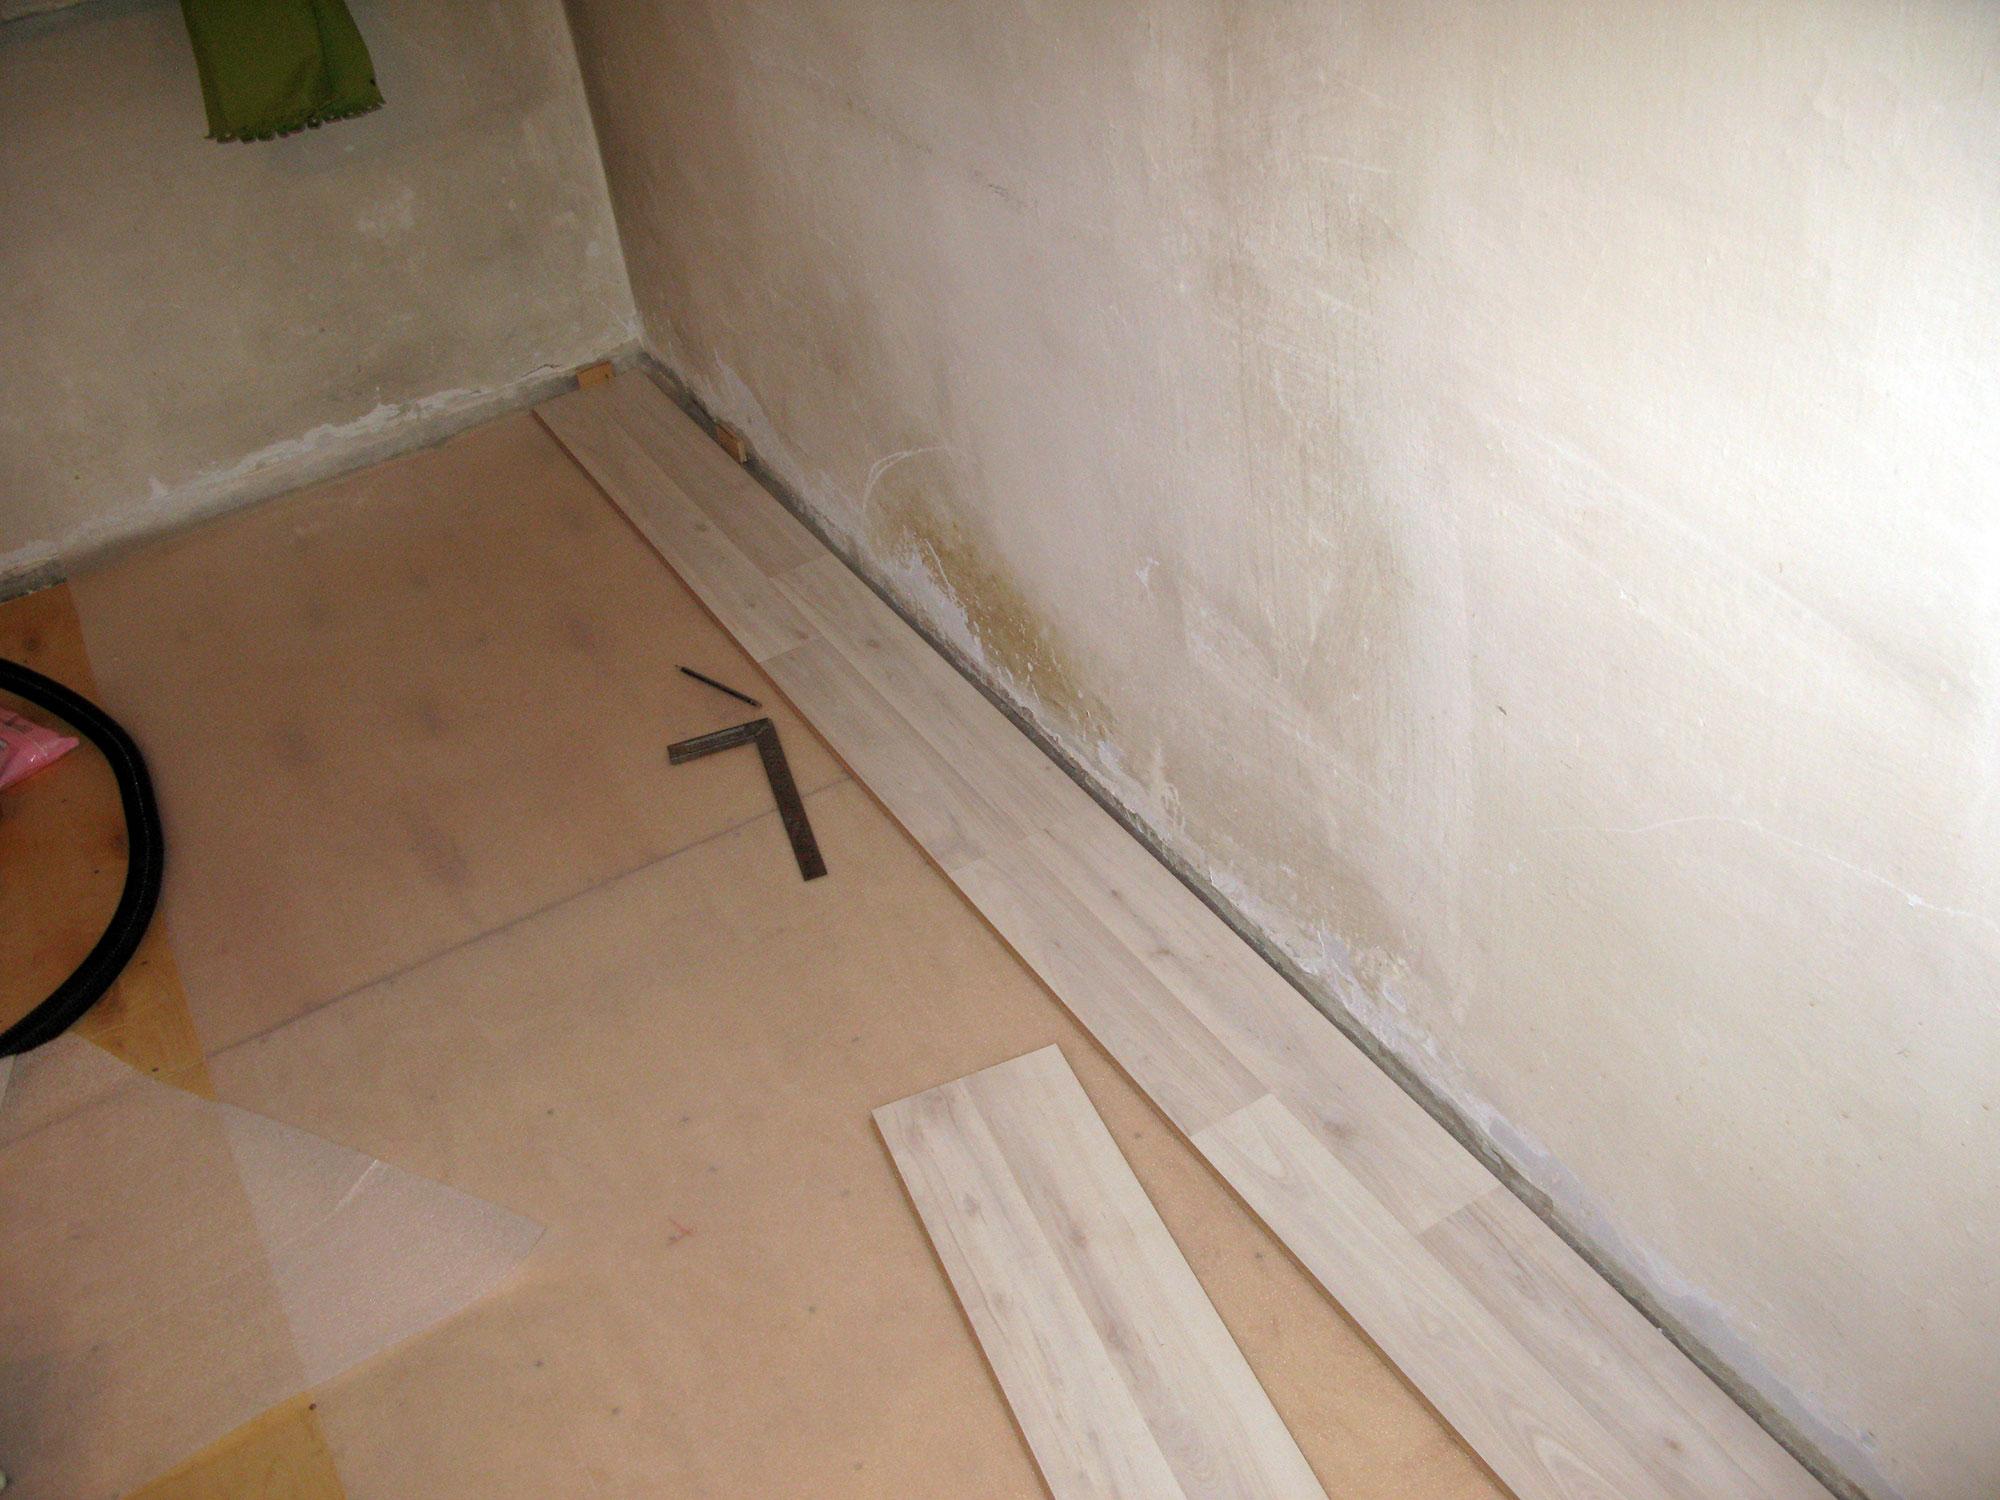 Укладка ламината на деревянный пол: как положить ламинат 92